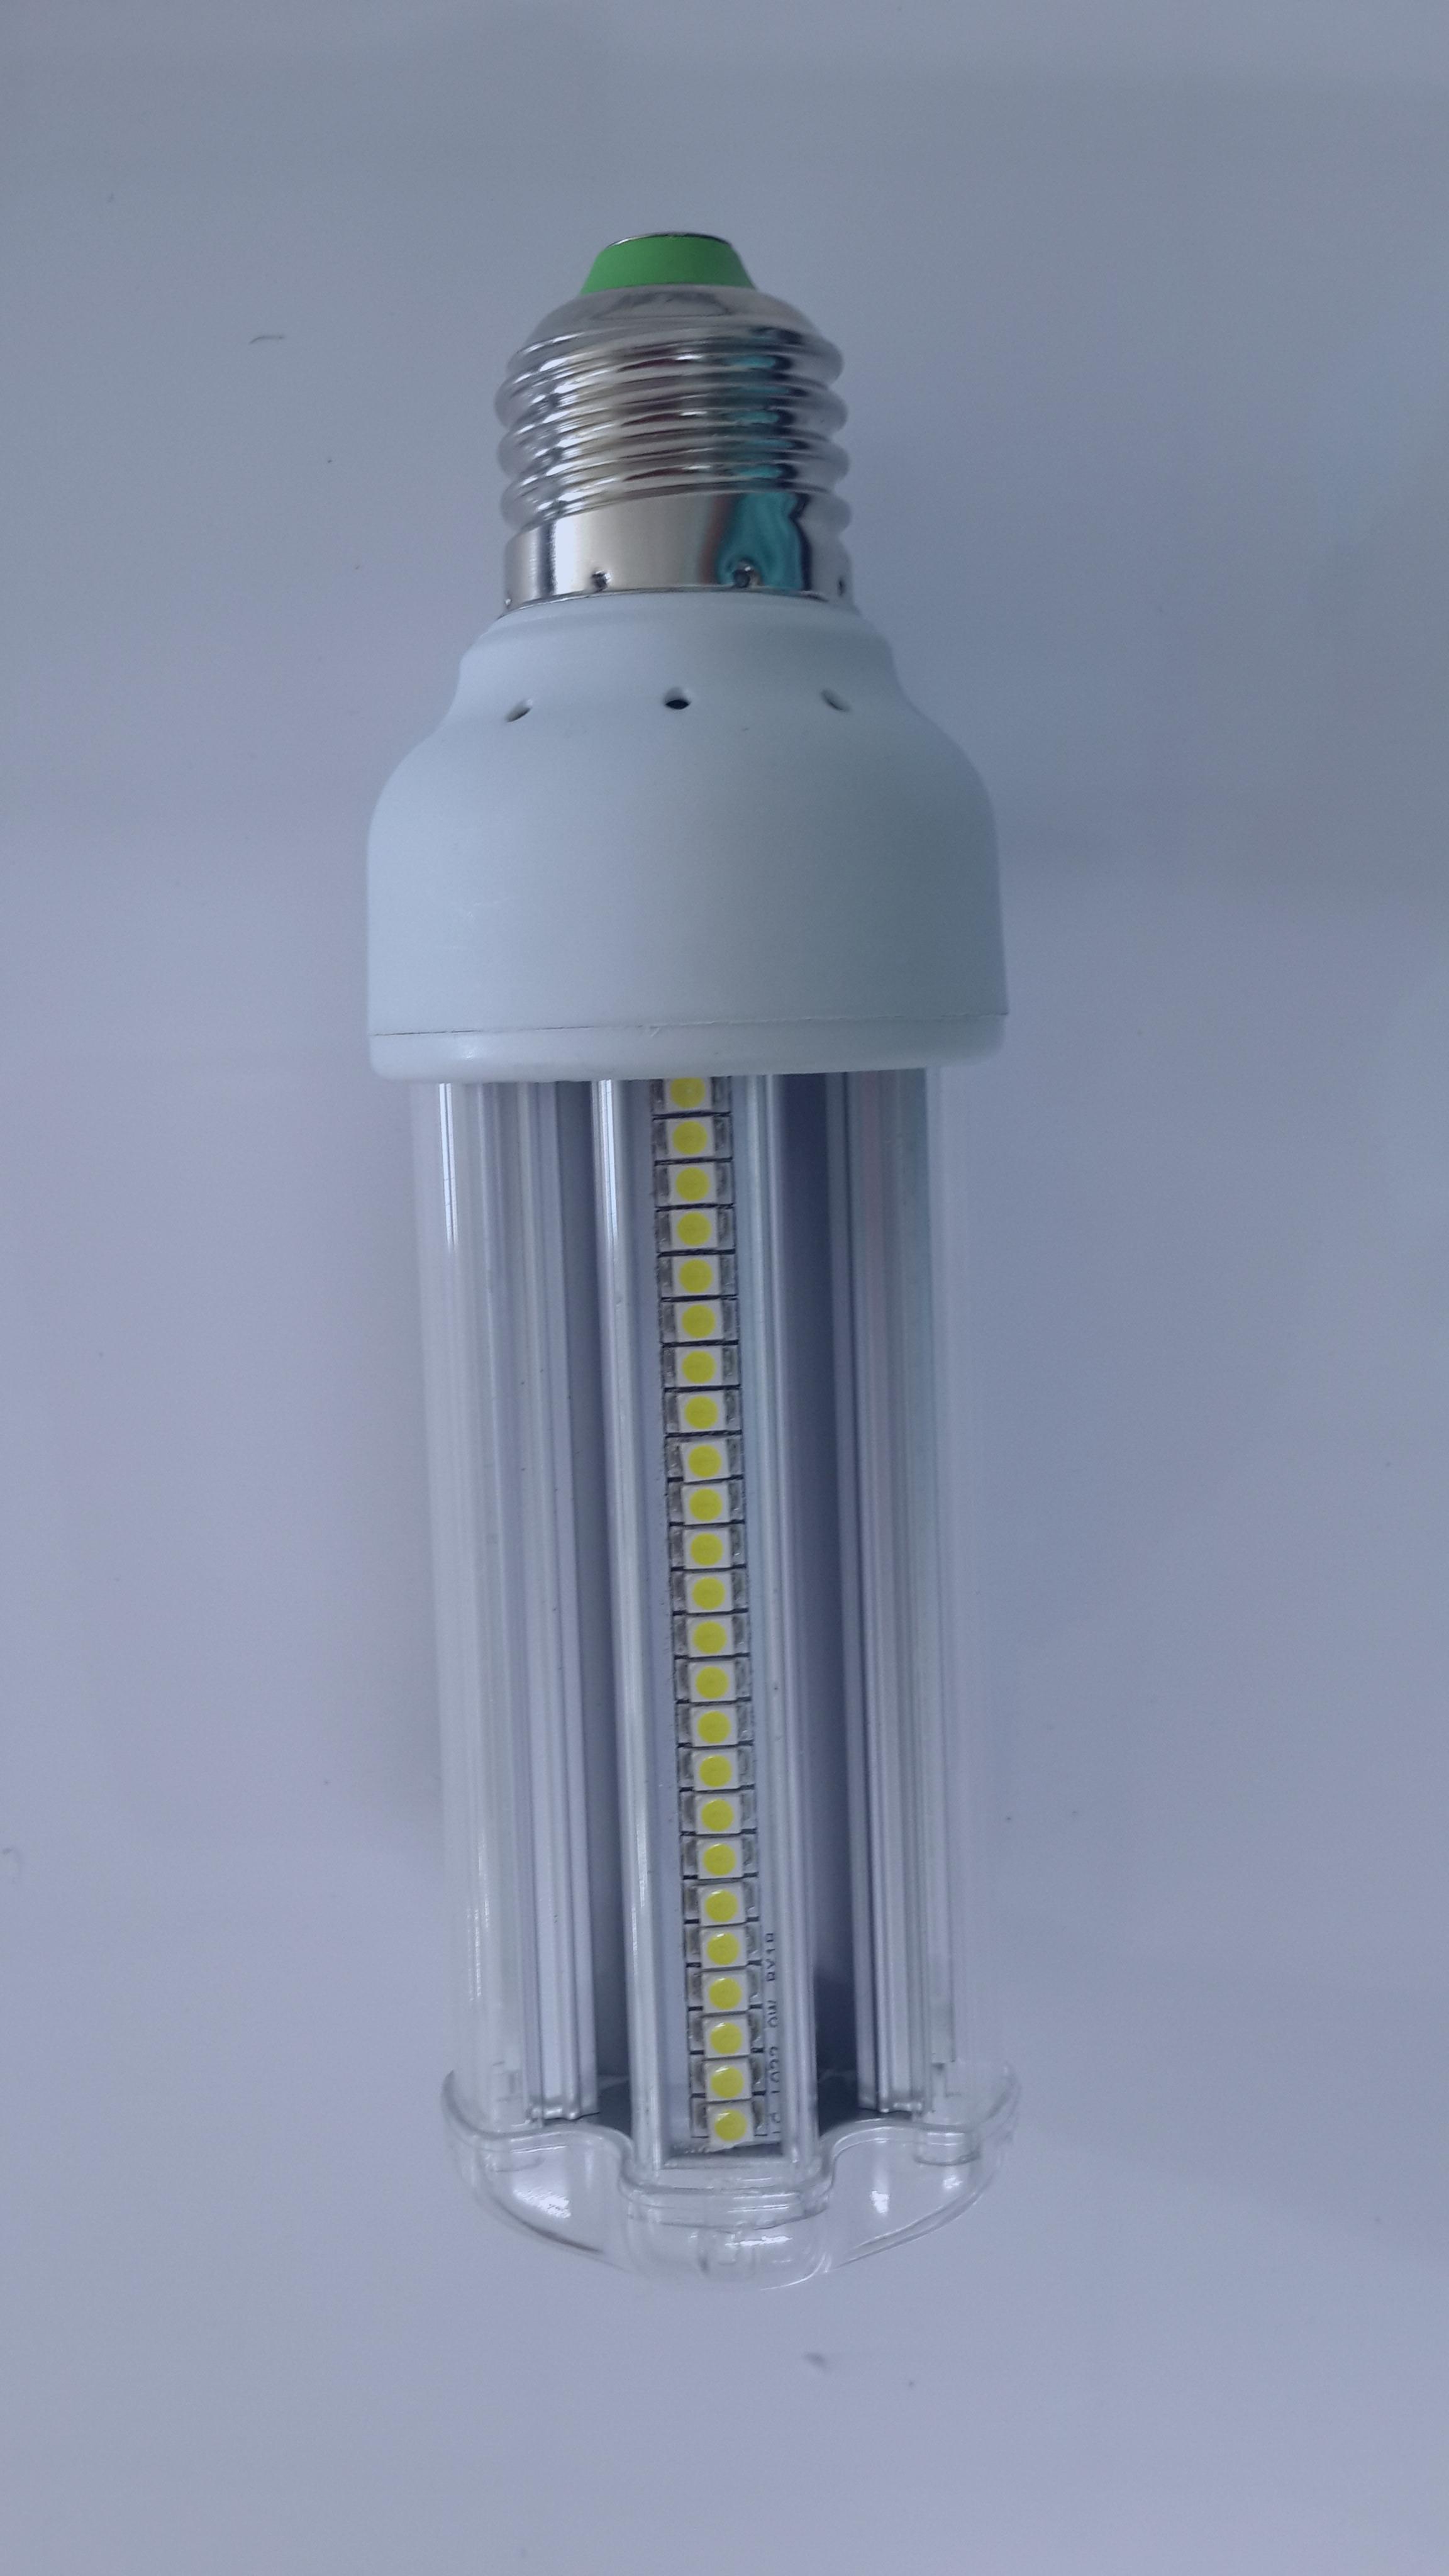 หลอดไฟแอลอีดี 85-265/9W WARM WHITE